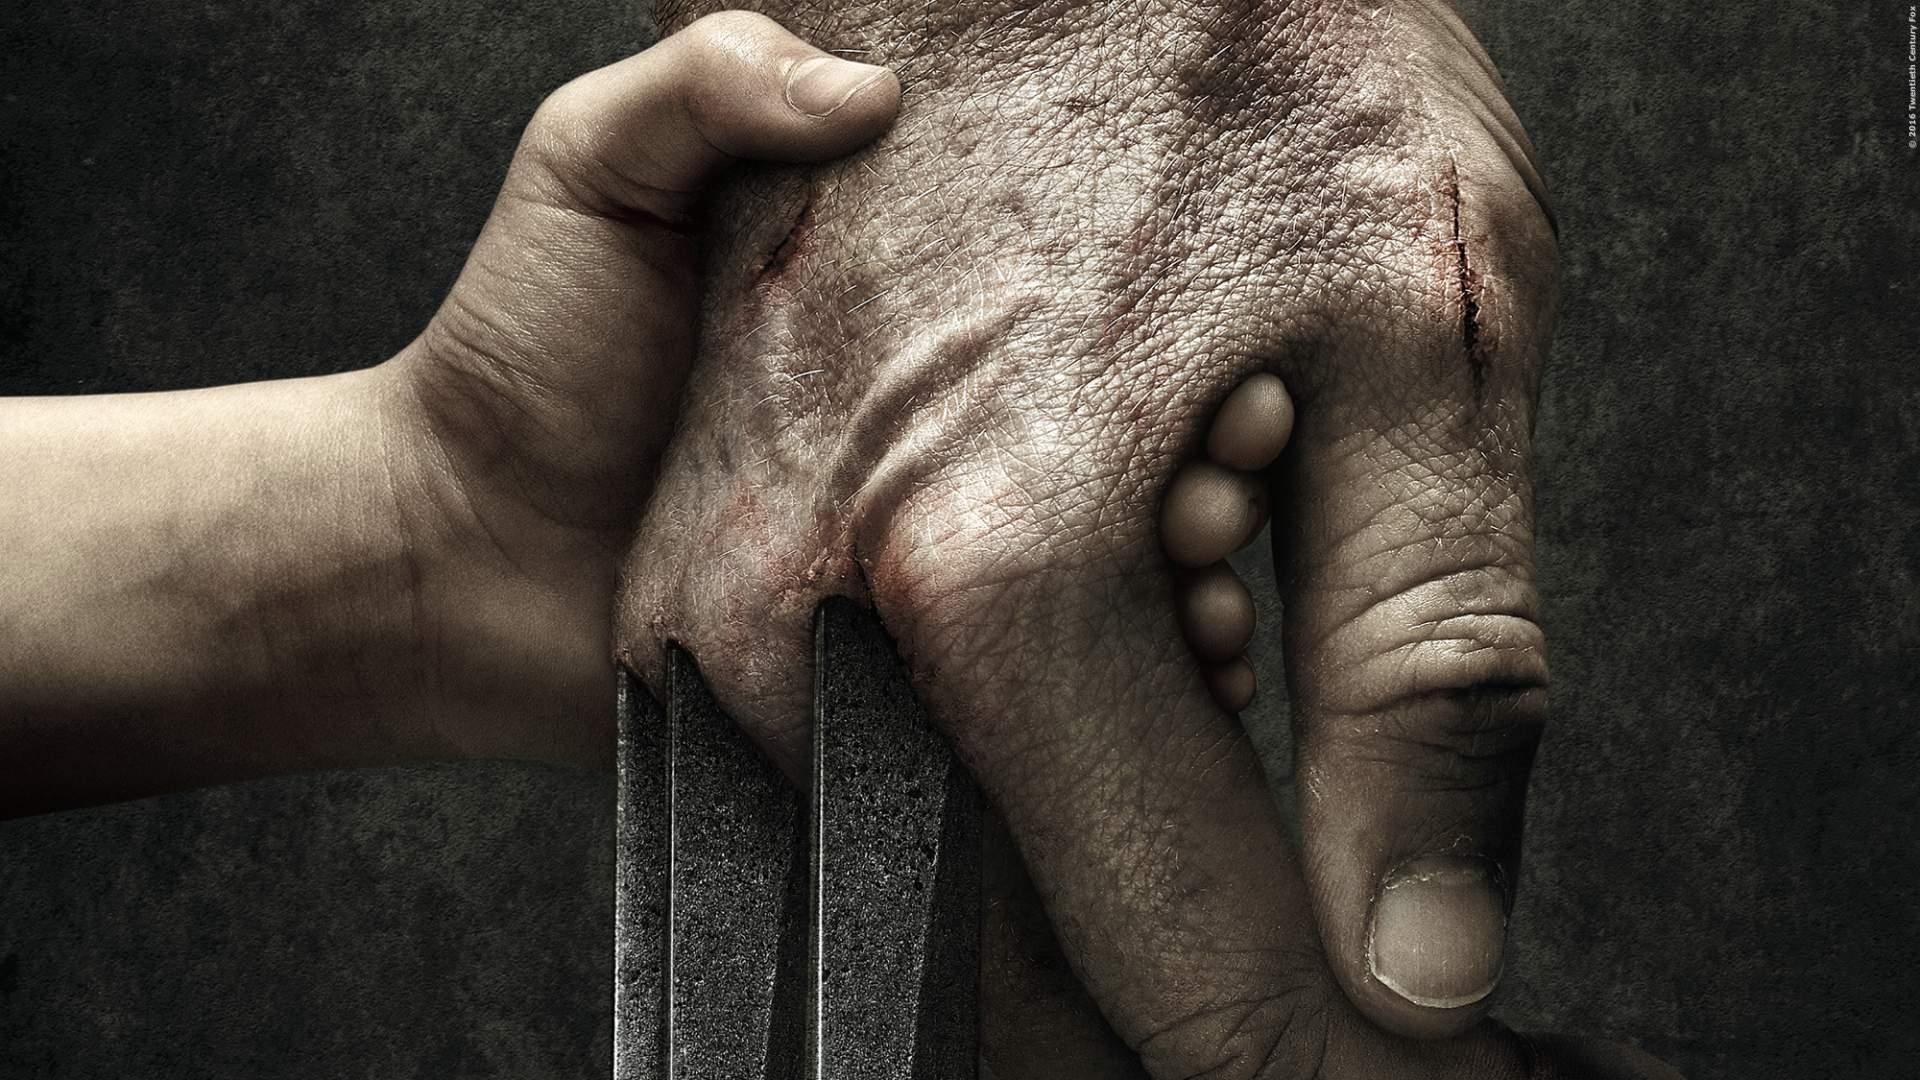 Logan Trailer - Wolverine - Bild 1 von 1